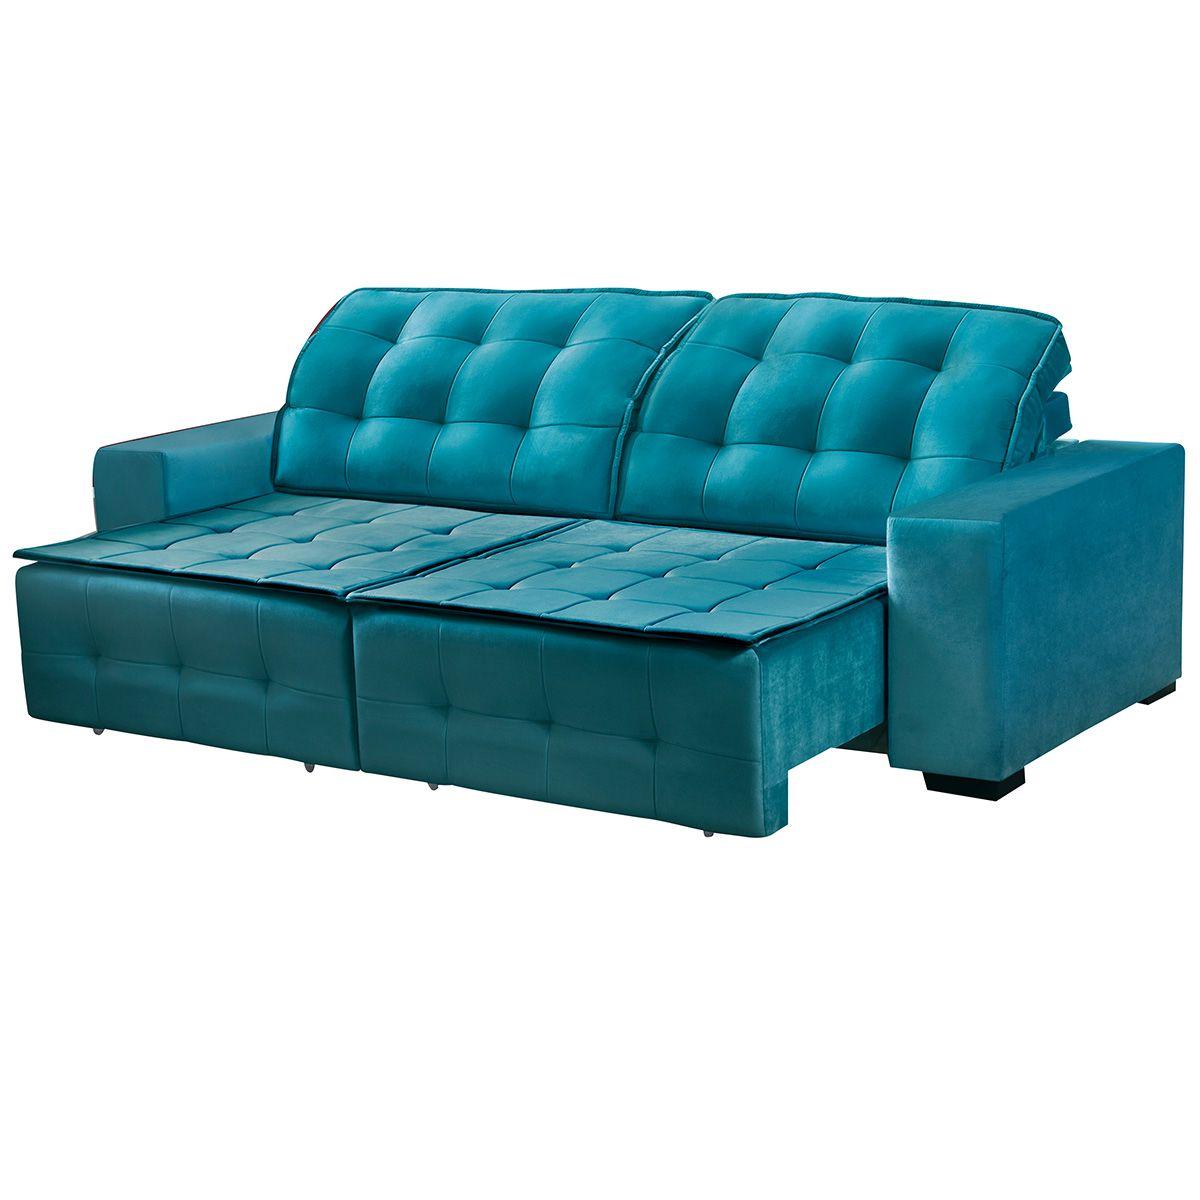 Sofá Retrátil e Reclinável Istambul 2,00 m Veludo Azul Esmeralda